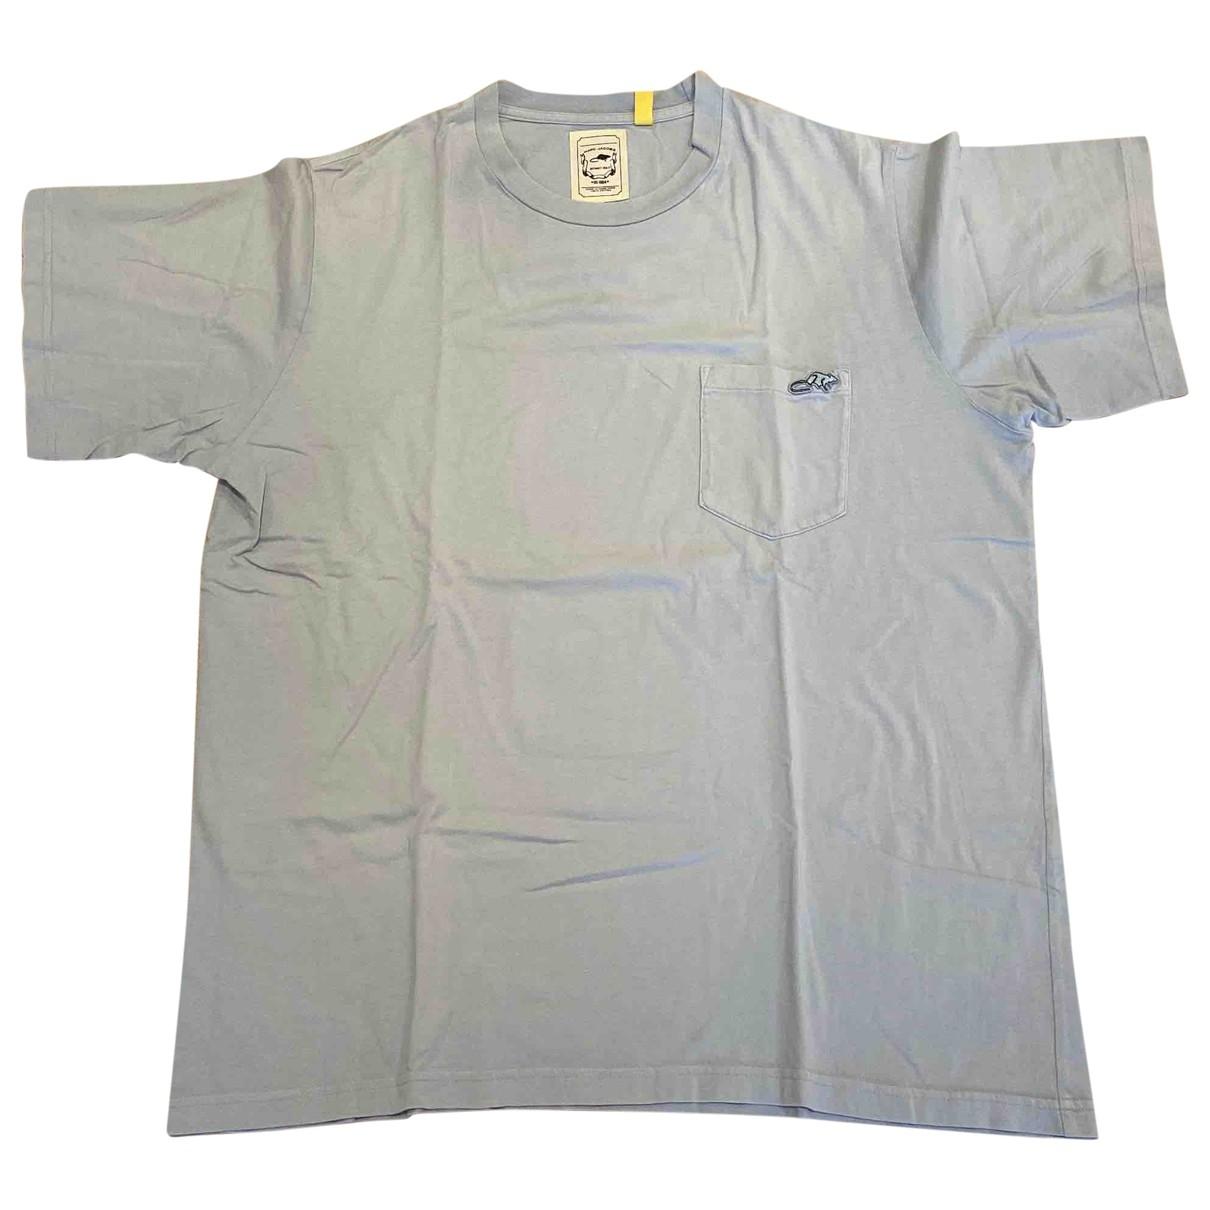 Marc Jacobs - Tee shirts   pour homme en coton - bleu